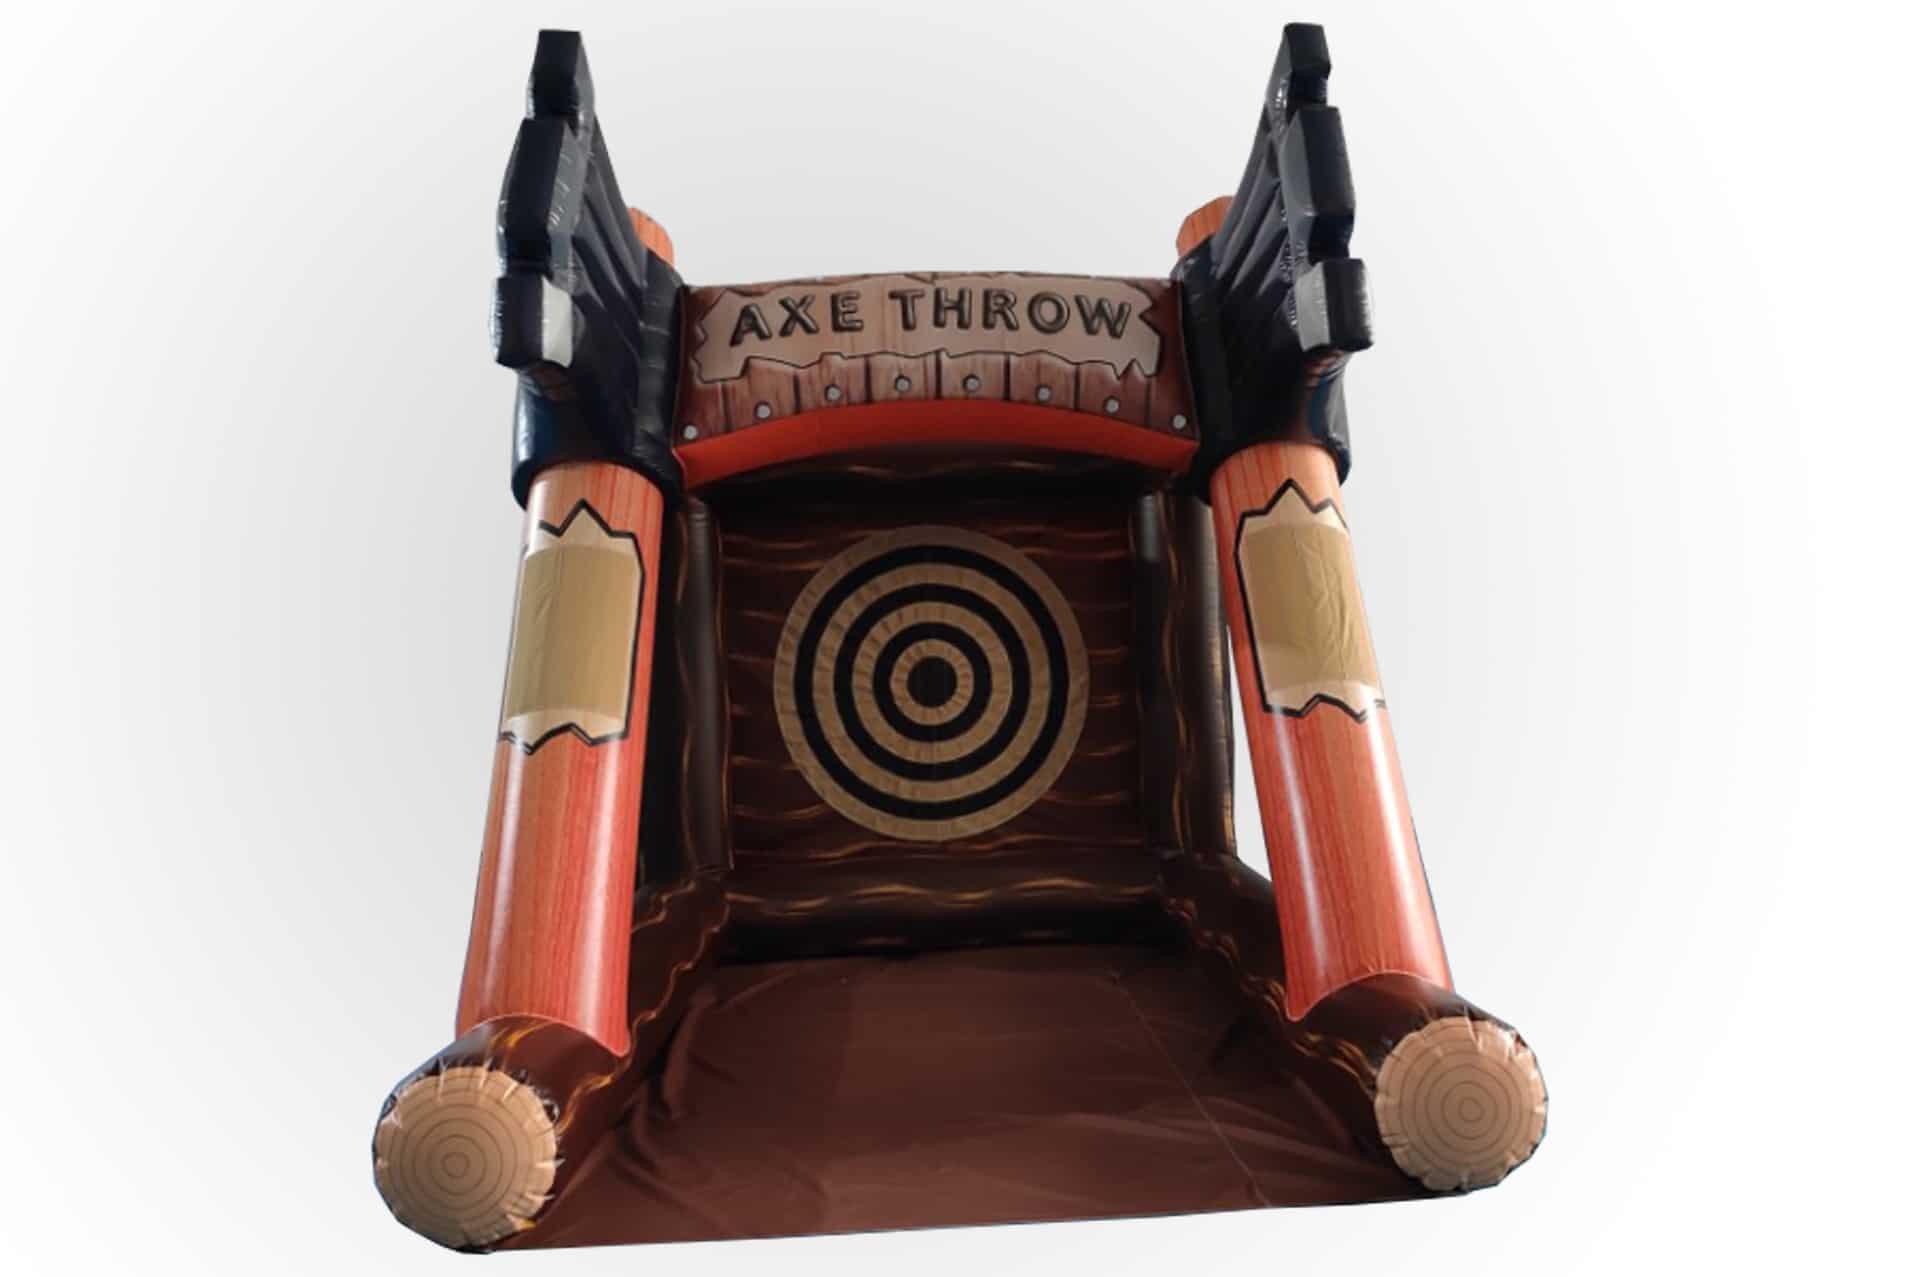 Axe Throw Rental in Nashville TN